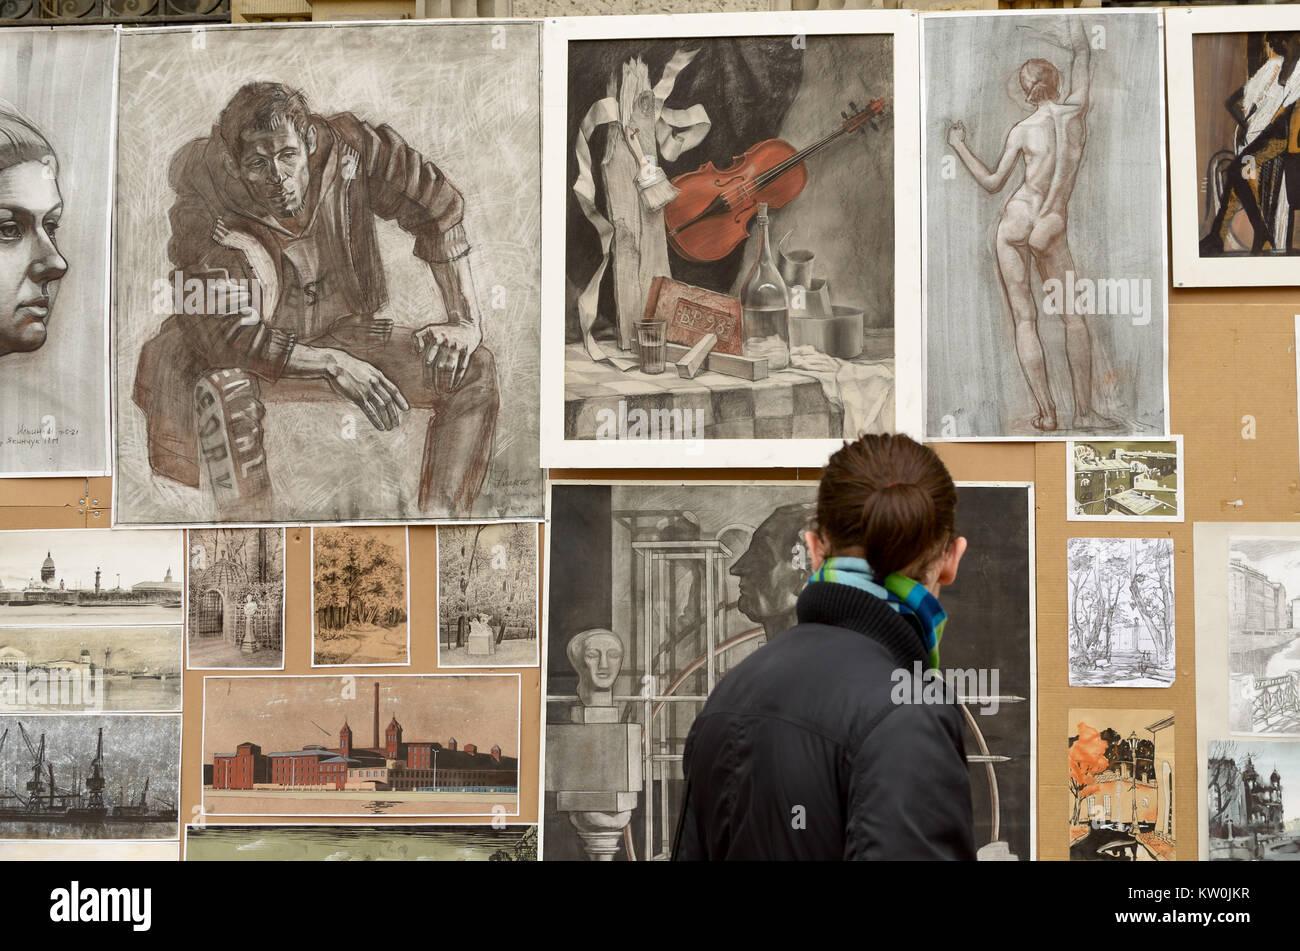 27.05.2017. Russland. Sankt-petersburg. Ausstellung von Werken junger Künstler. Passanten das Bild zu schätzen Stockbild